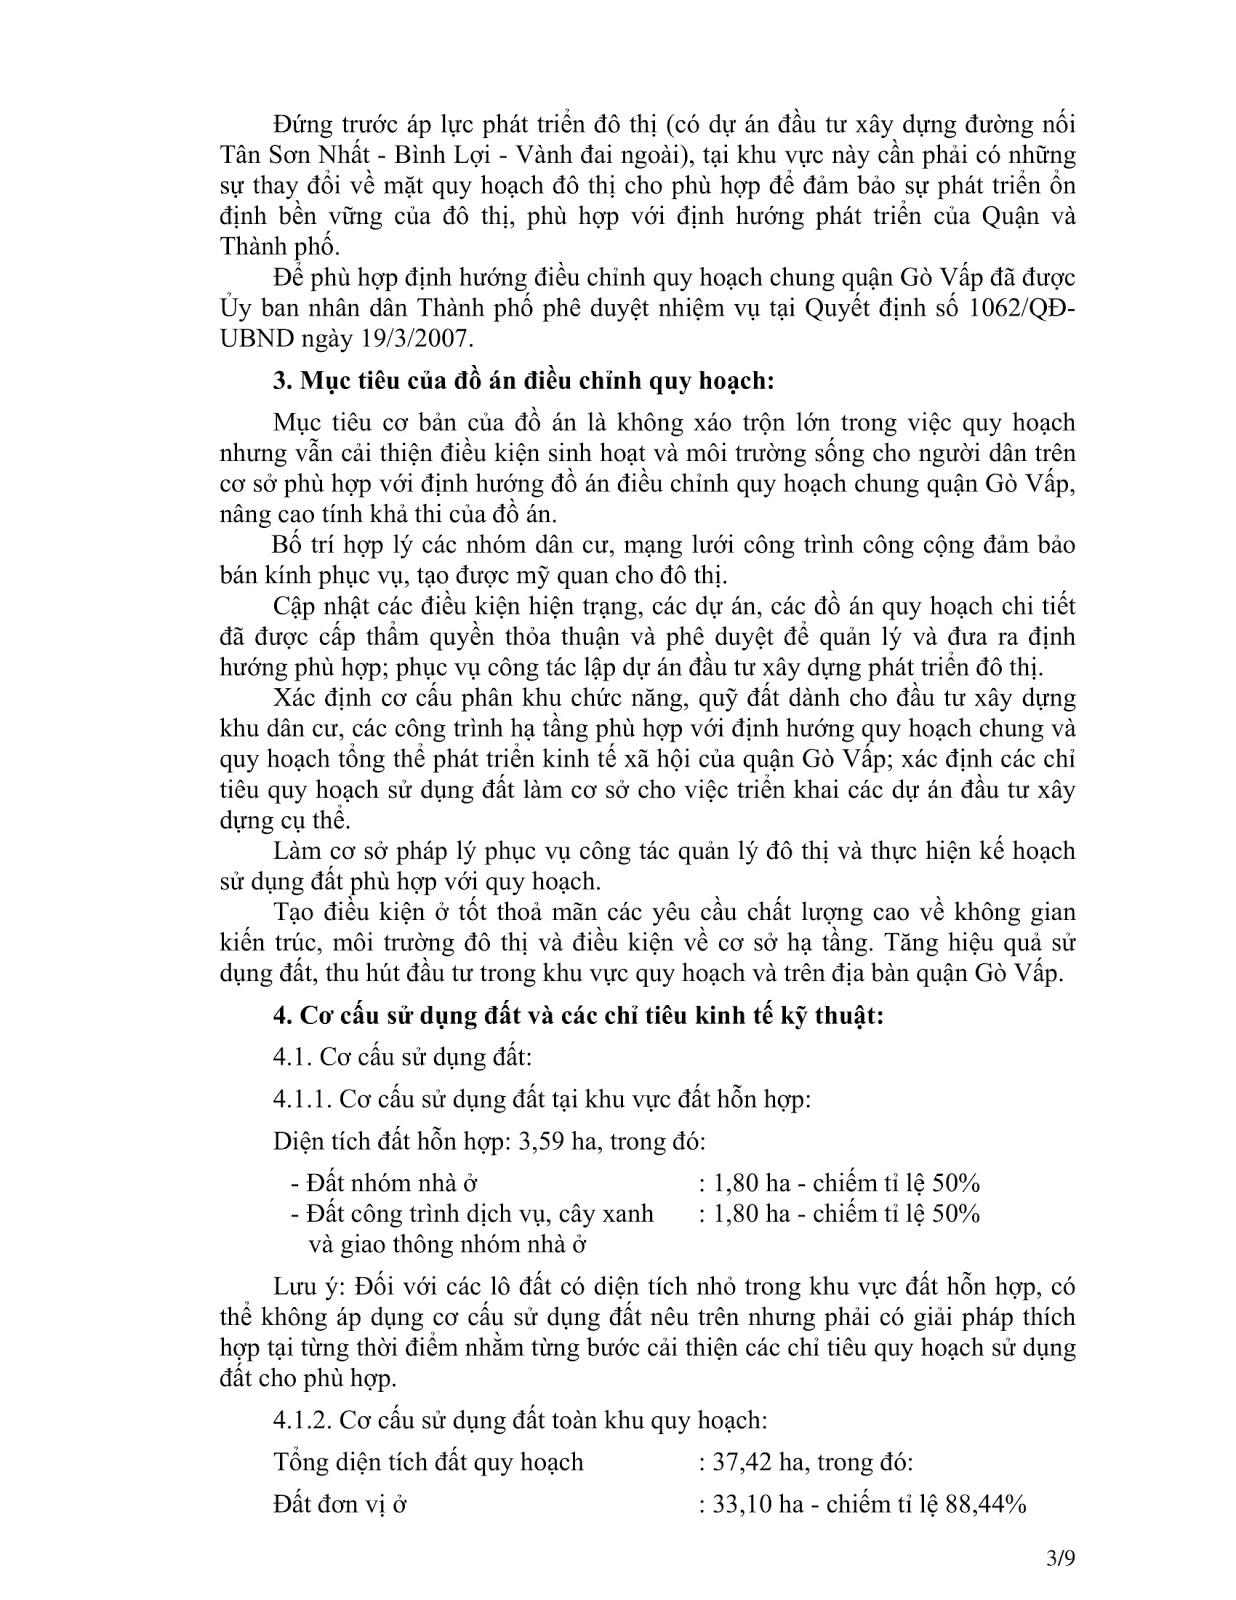 Quyết Định Số 2921/QĐ-UBND Quy Hoạch Khu Dân Cư Phường 4 Quận Gò Vấp Tờ 3